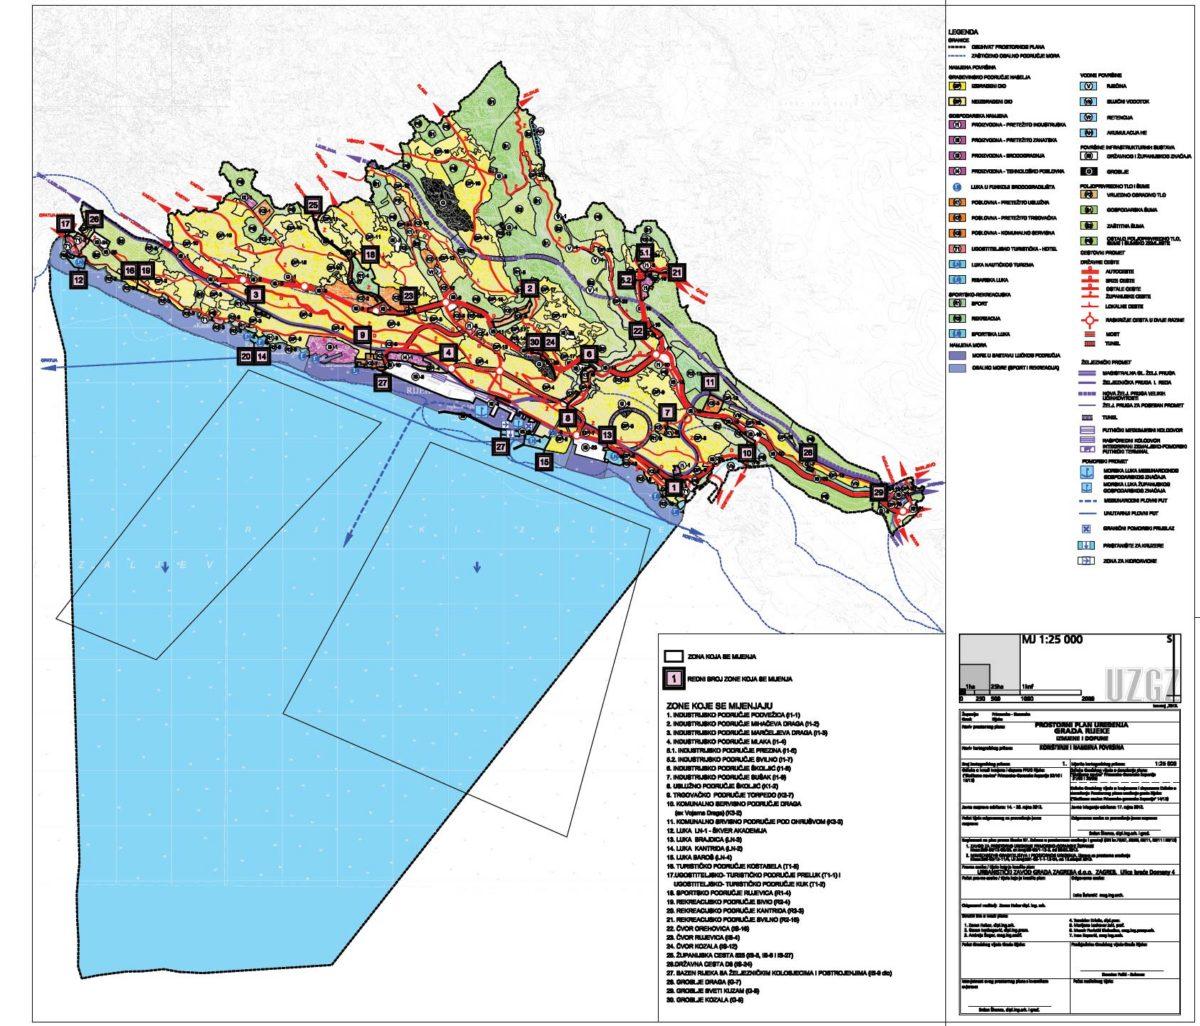 Izmjena i dopuna Prostornog plana uređenja grada Rijeke